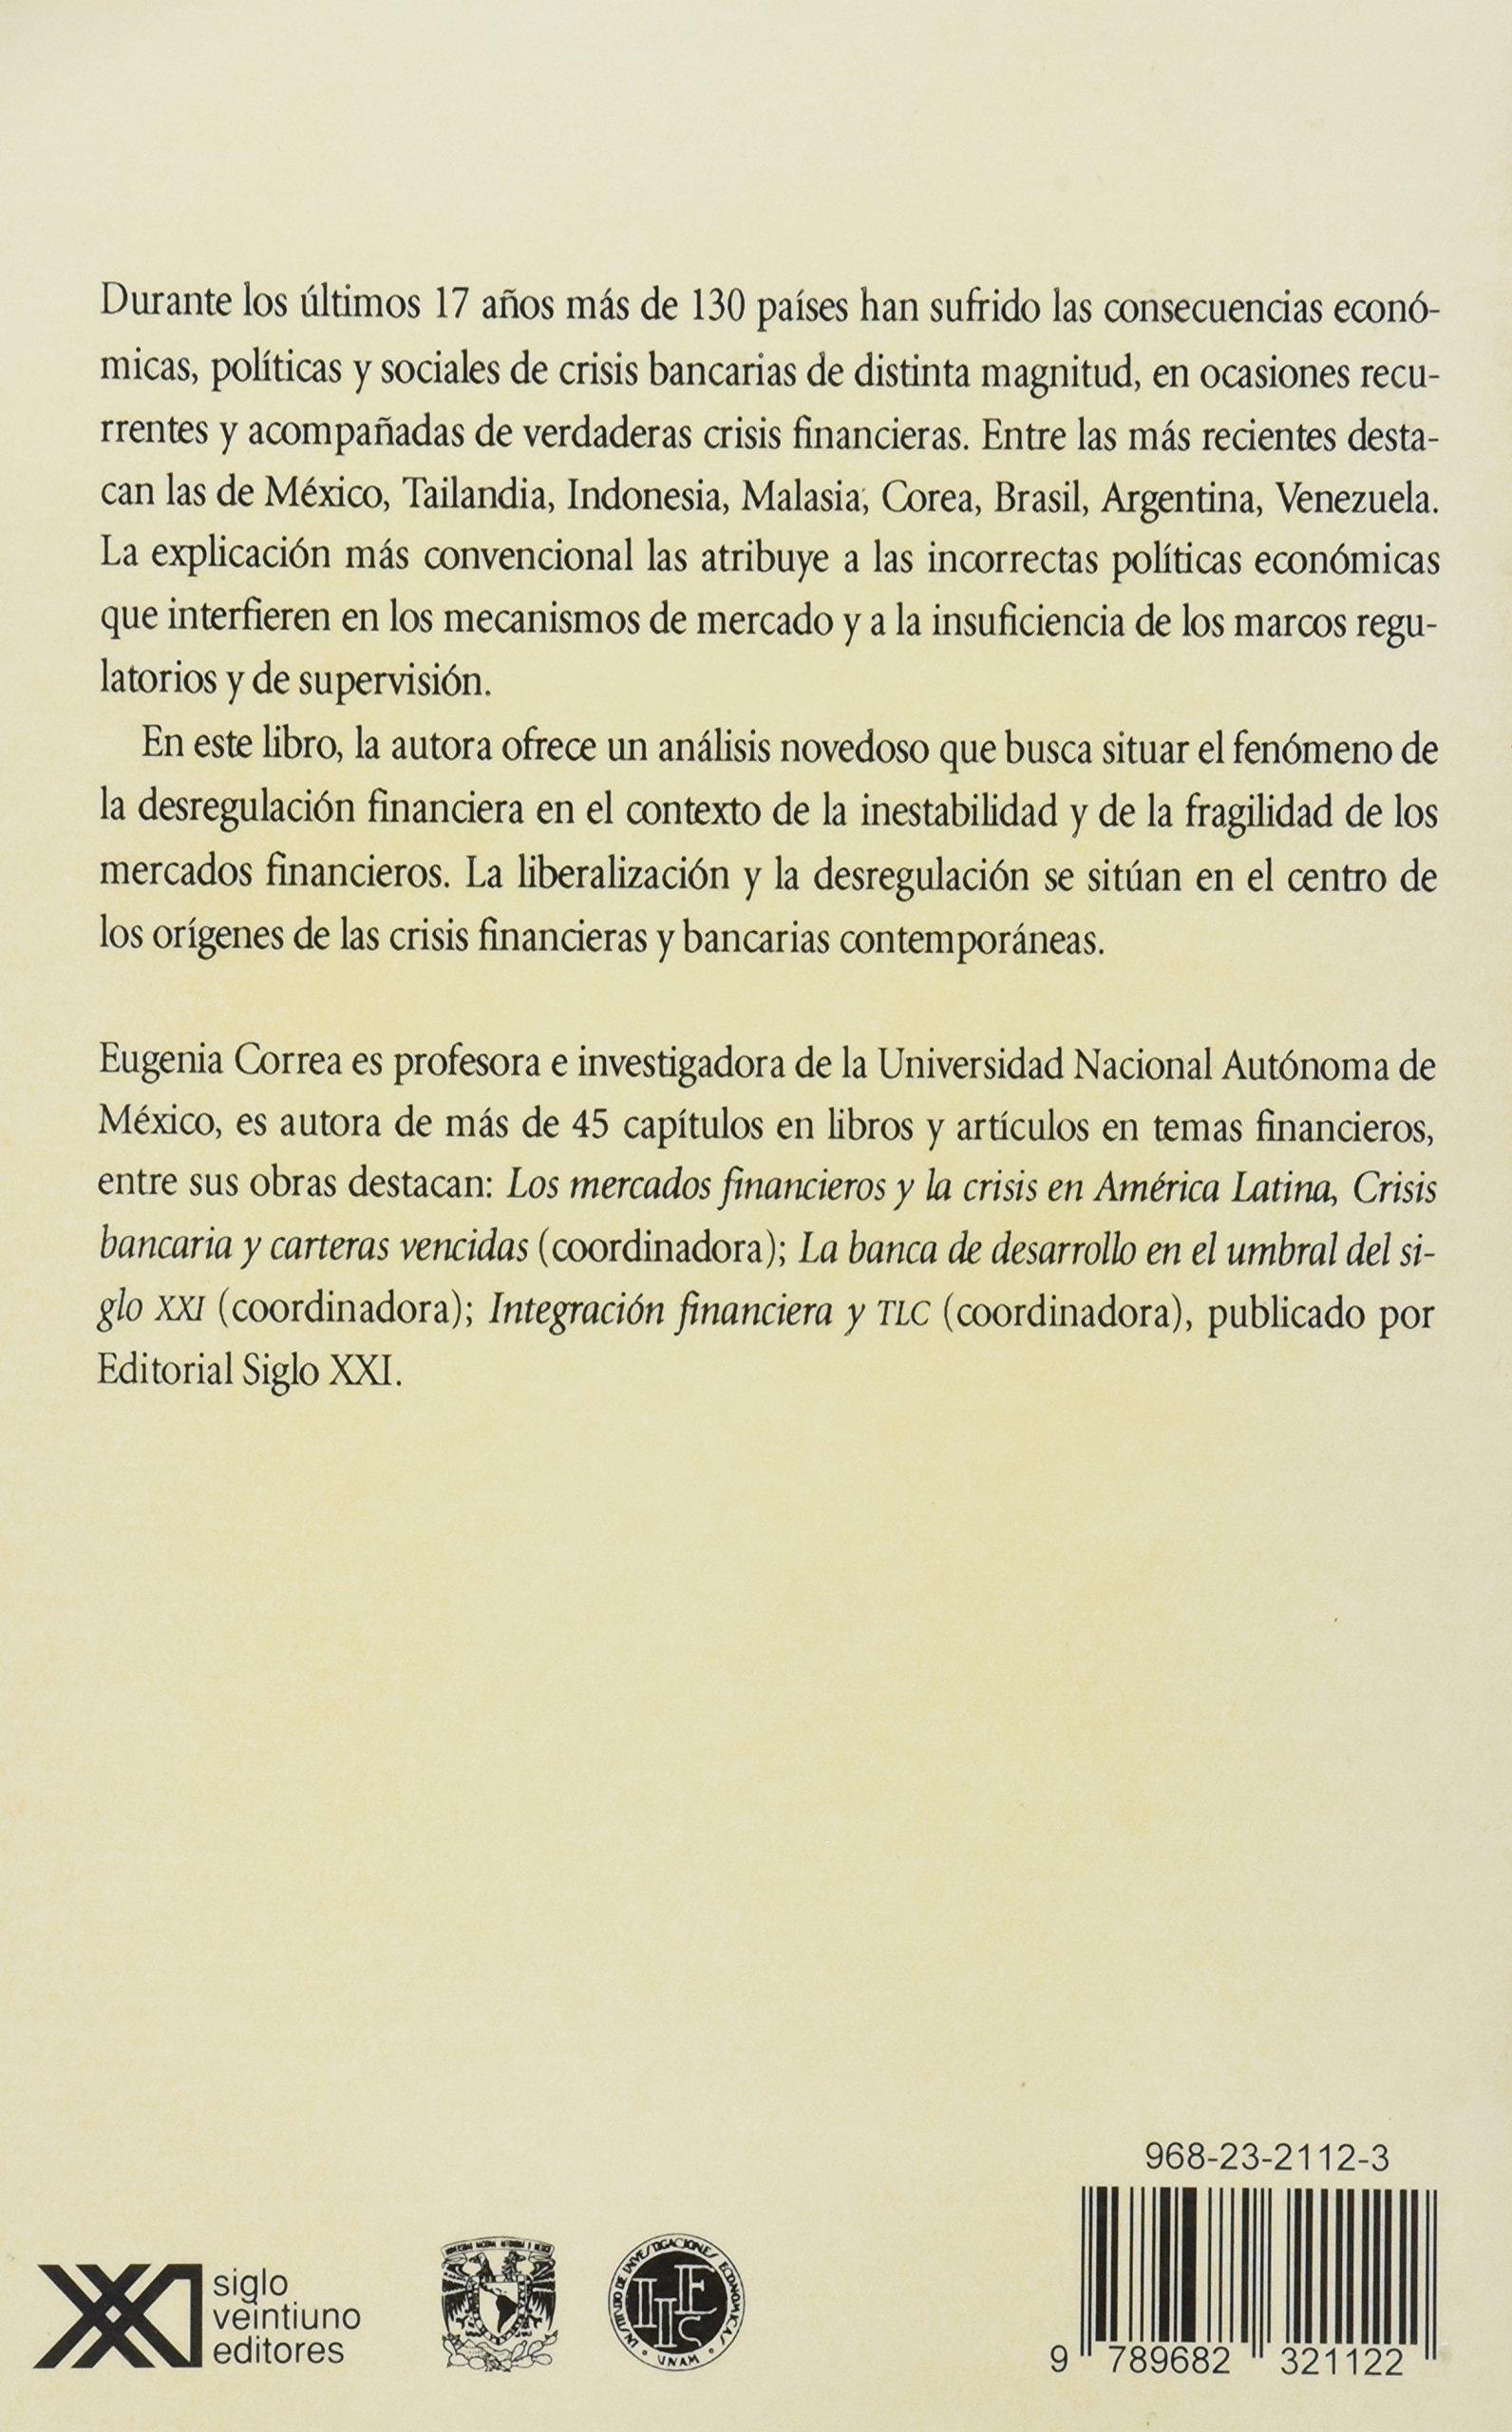 Crisis y desregulacion financiera (Economía y demografía) (Spanish Edition): Eugenia Correa: 9789682321122: Amazon.com: Books